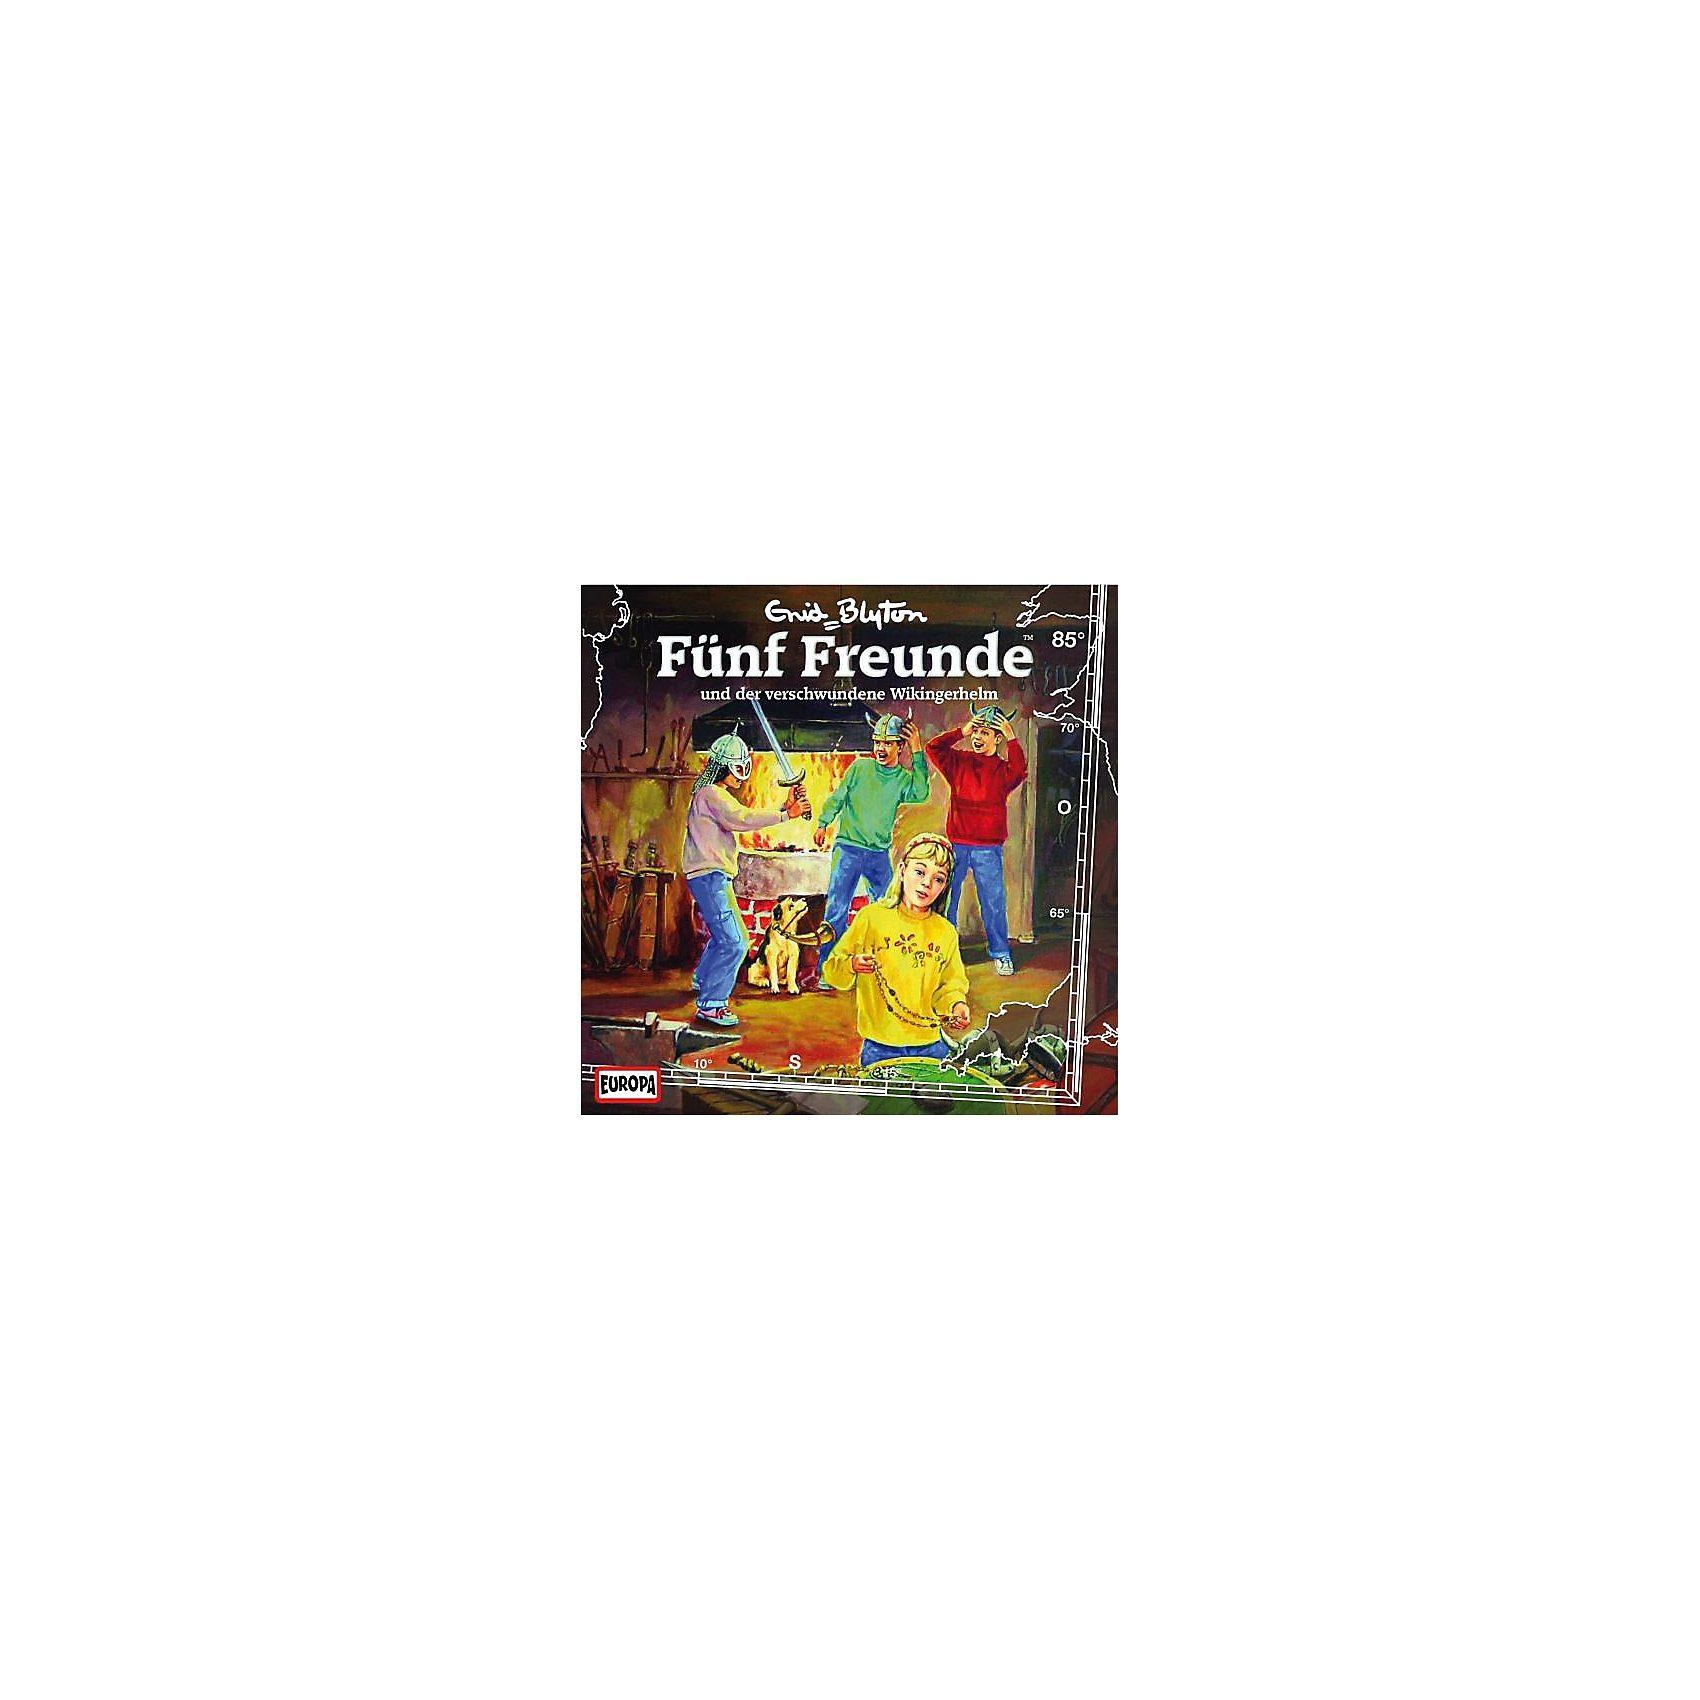 SONY BMG MUSIC CD Fünf Freunde 85 - und der verschwunde Wikingerhelm